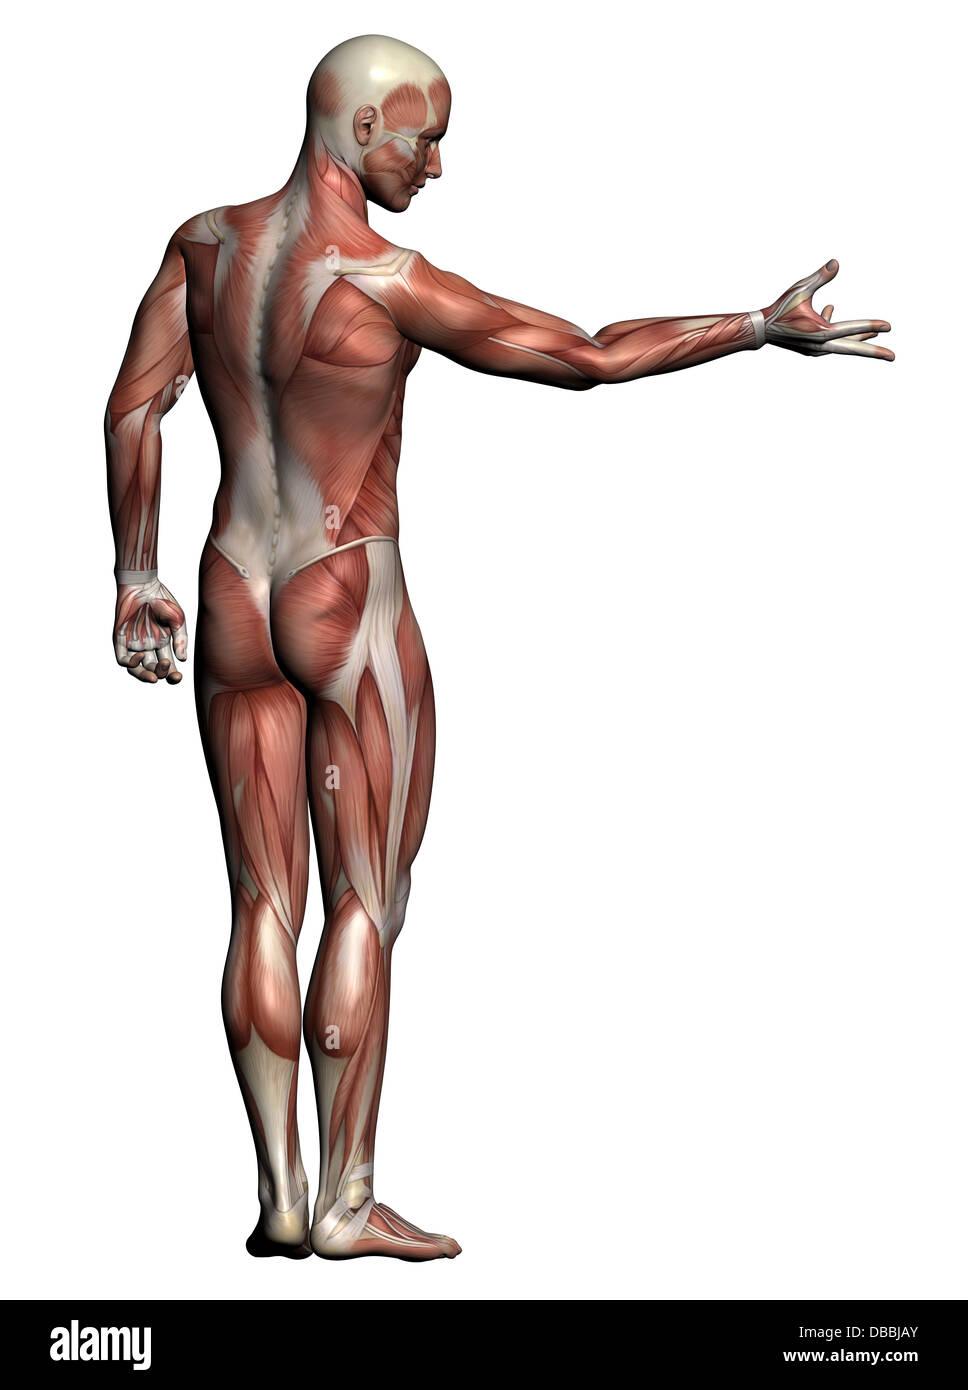 Illustration Muscular In Male Anatomy Stockfotos & Illustration ...